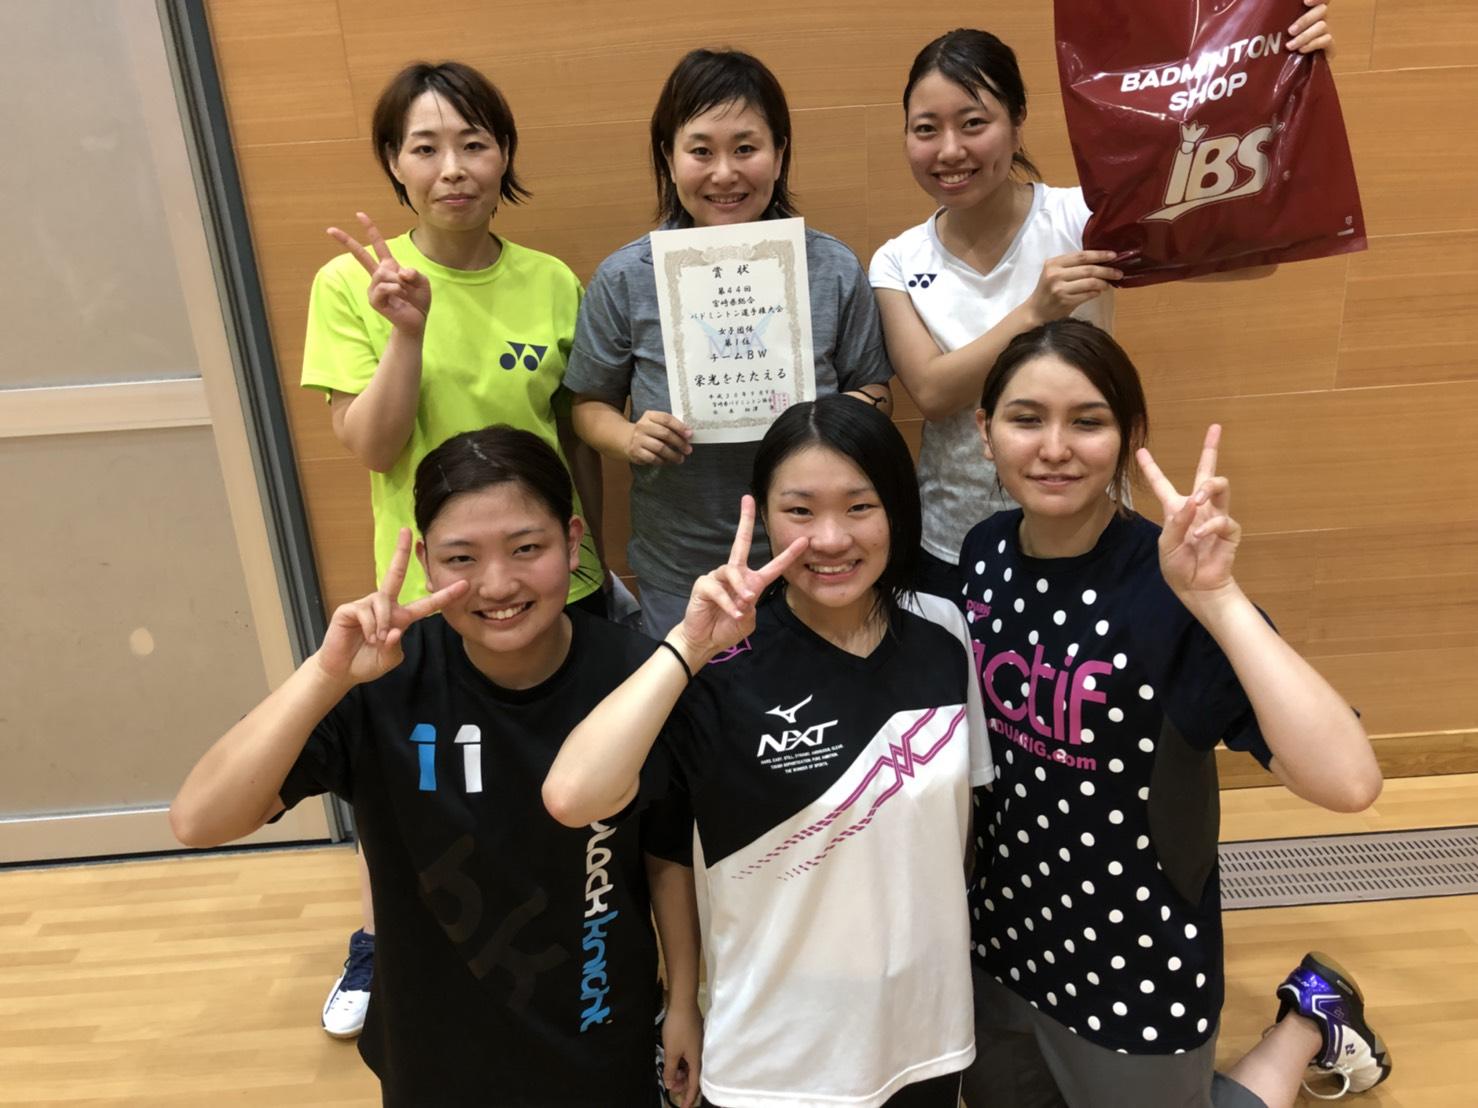 第44回宮崎県総合バドミントン選手権大会 団体戦【結果】一部得点修正有